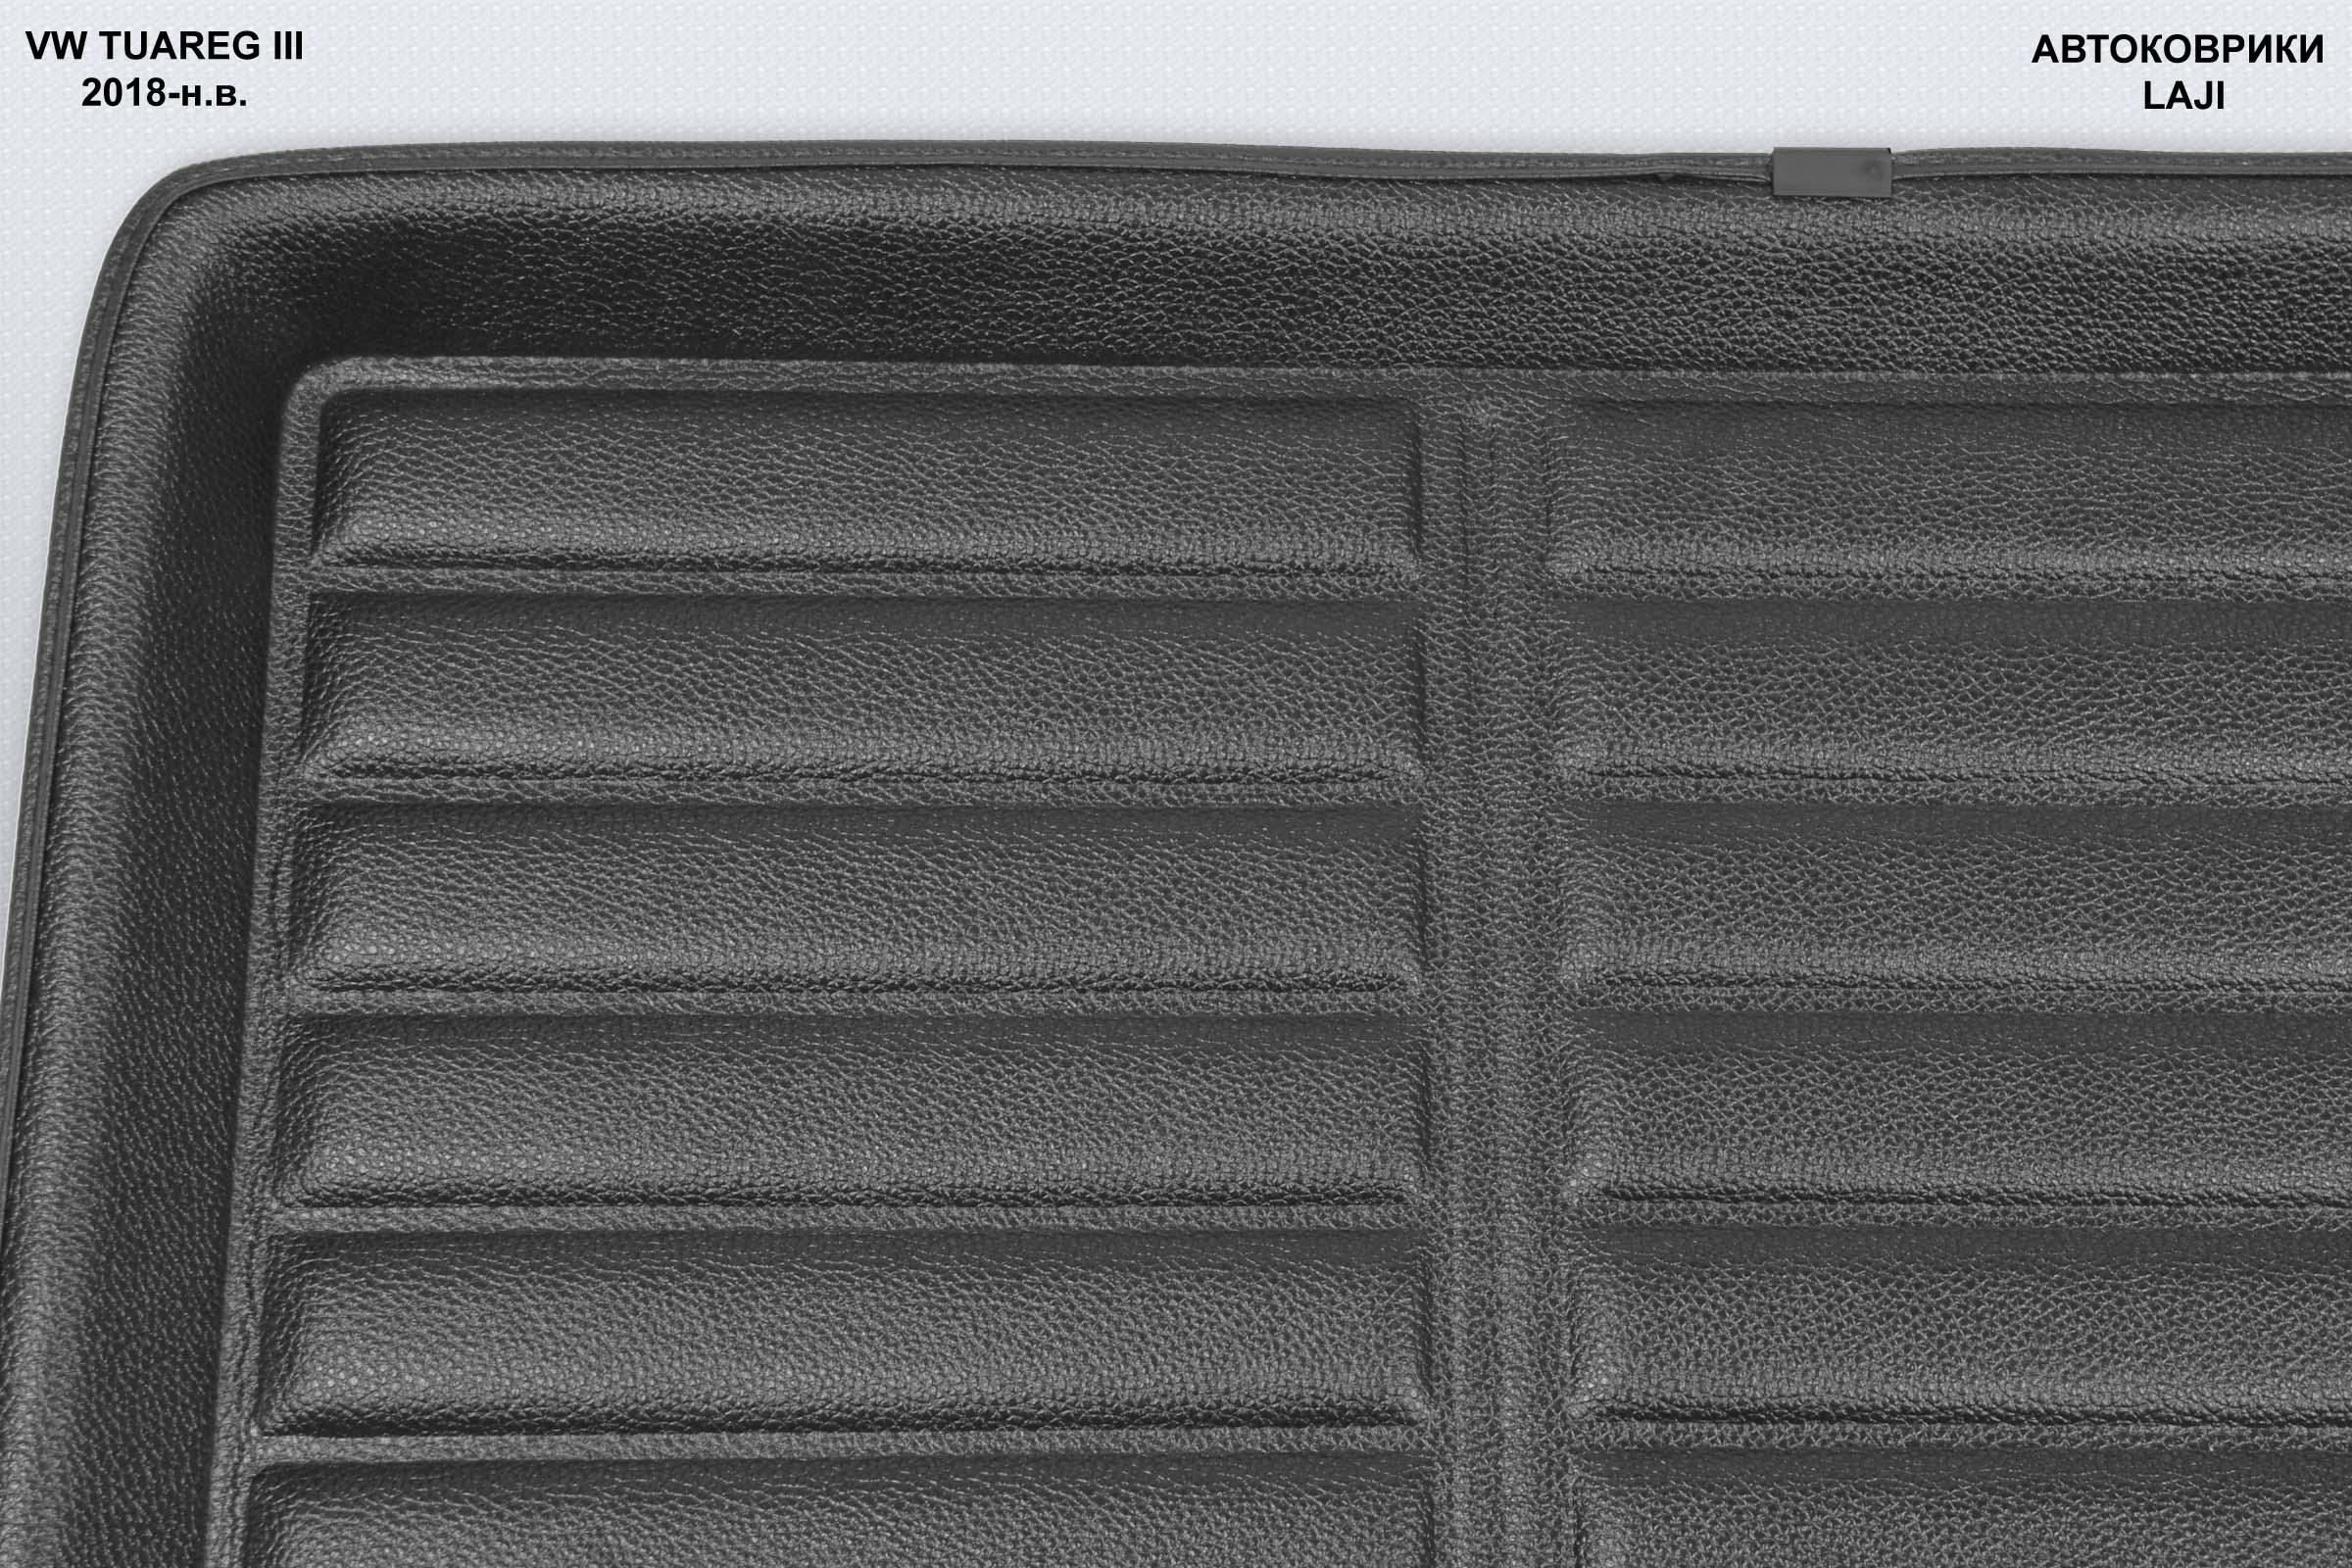 3D коврик в багажник Volkswagen Touareg 3 2018-н.в. 3